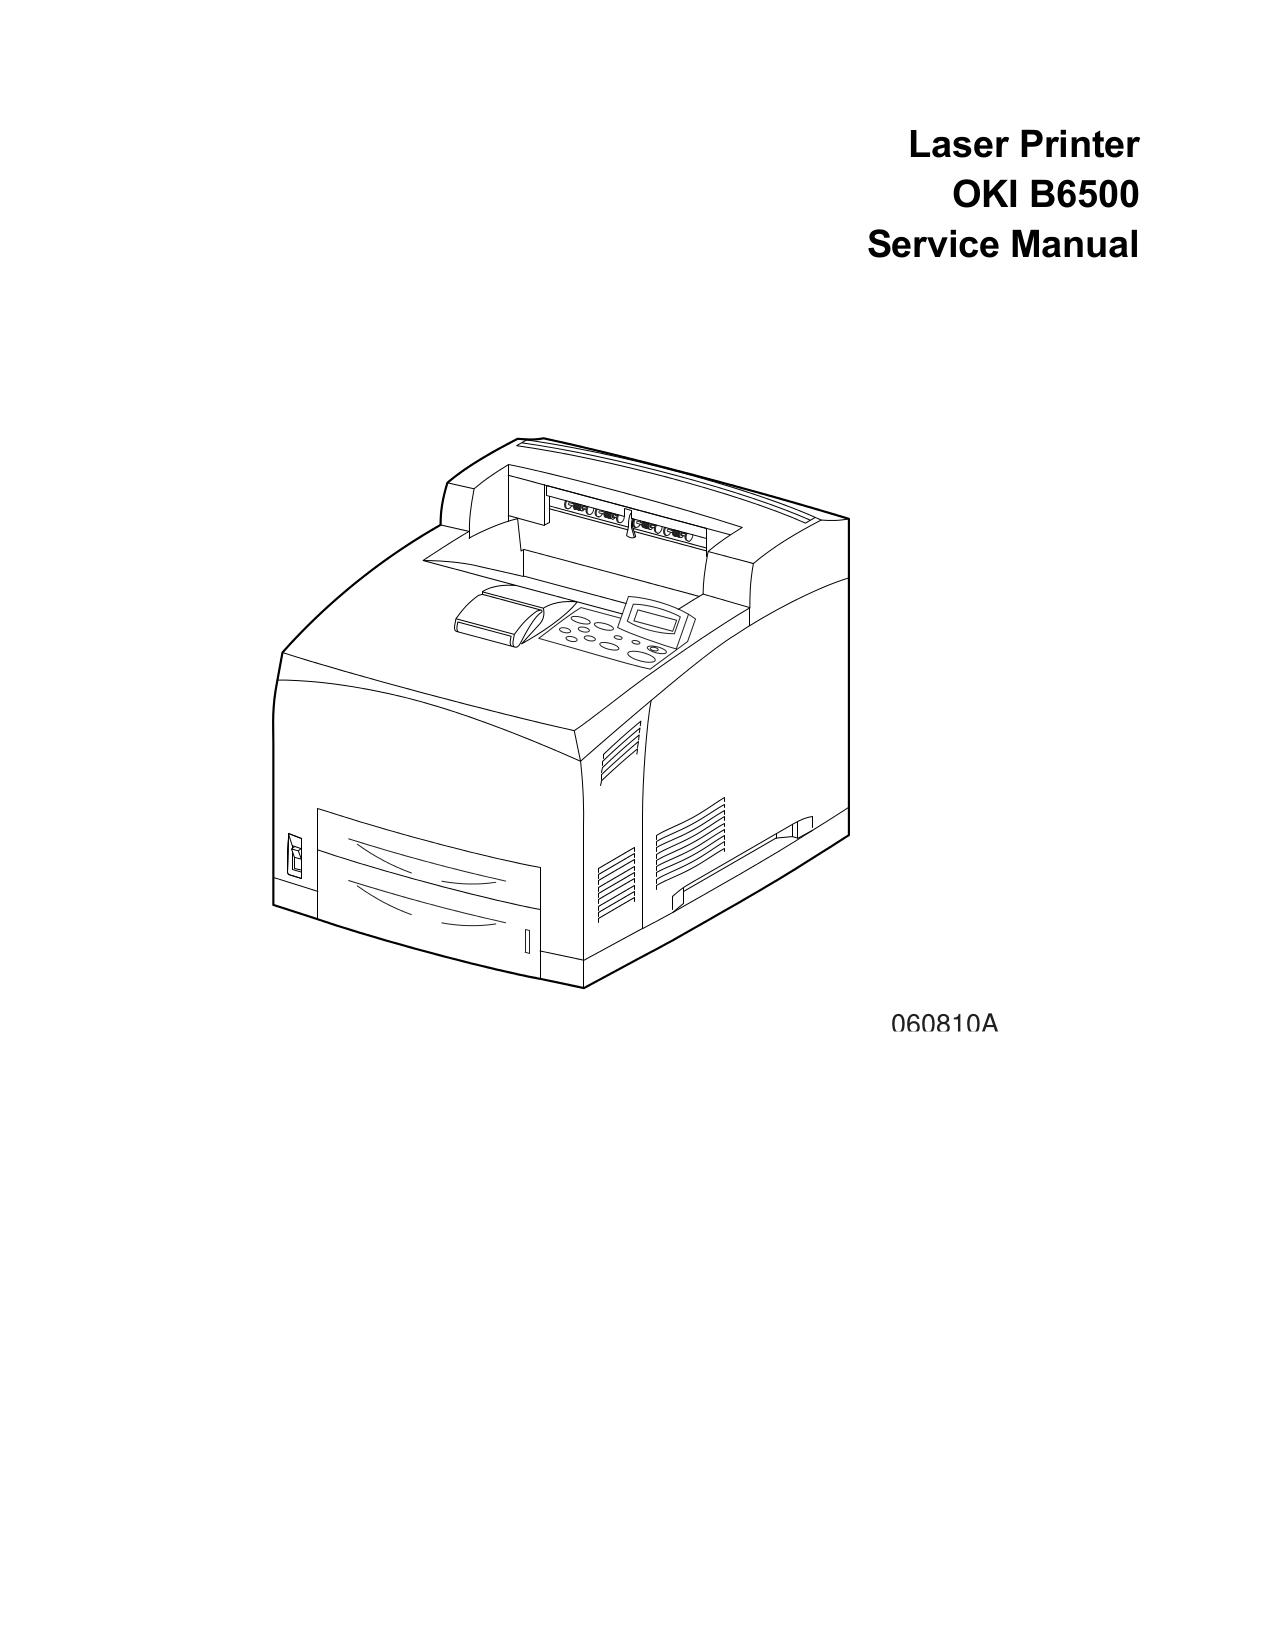 Download free pdf for Oki B6500 Printer manual